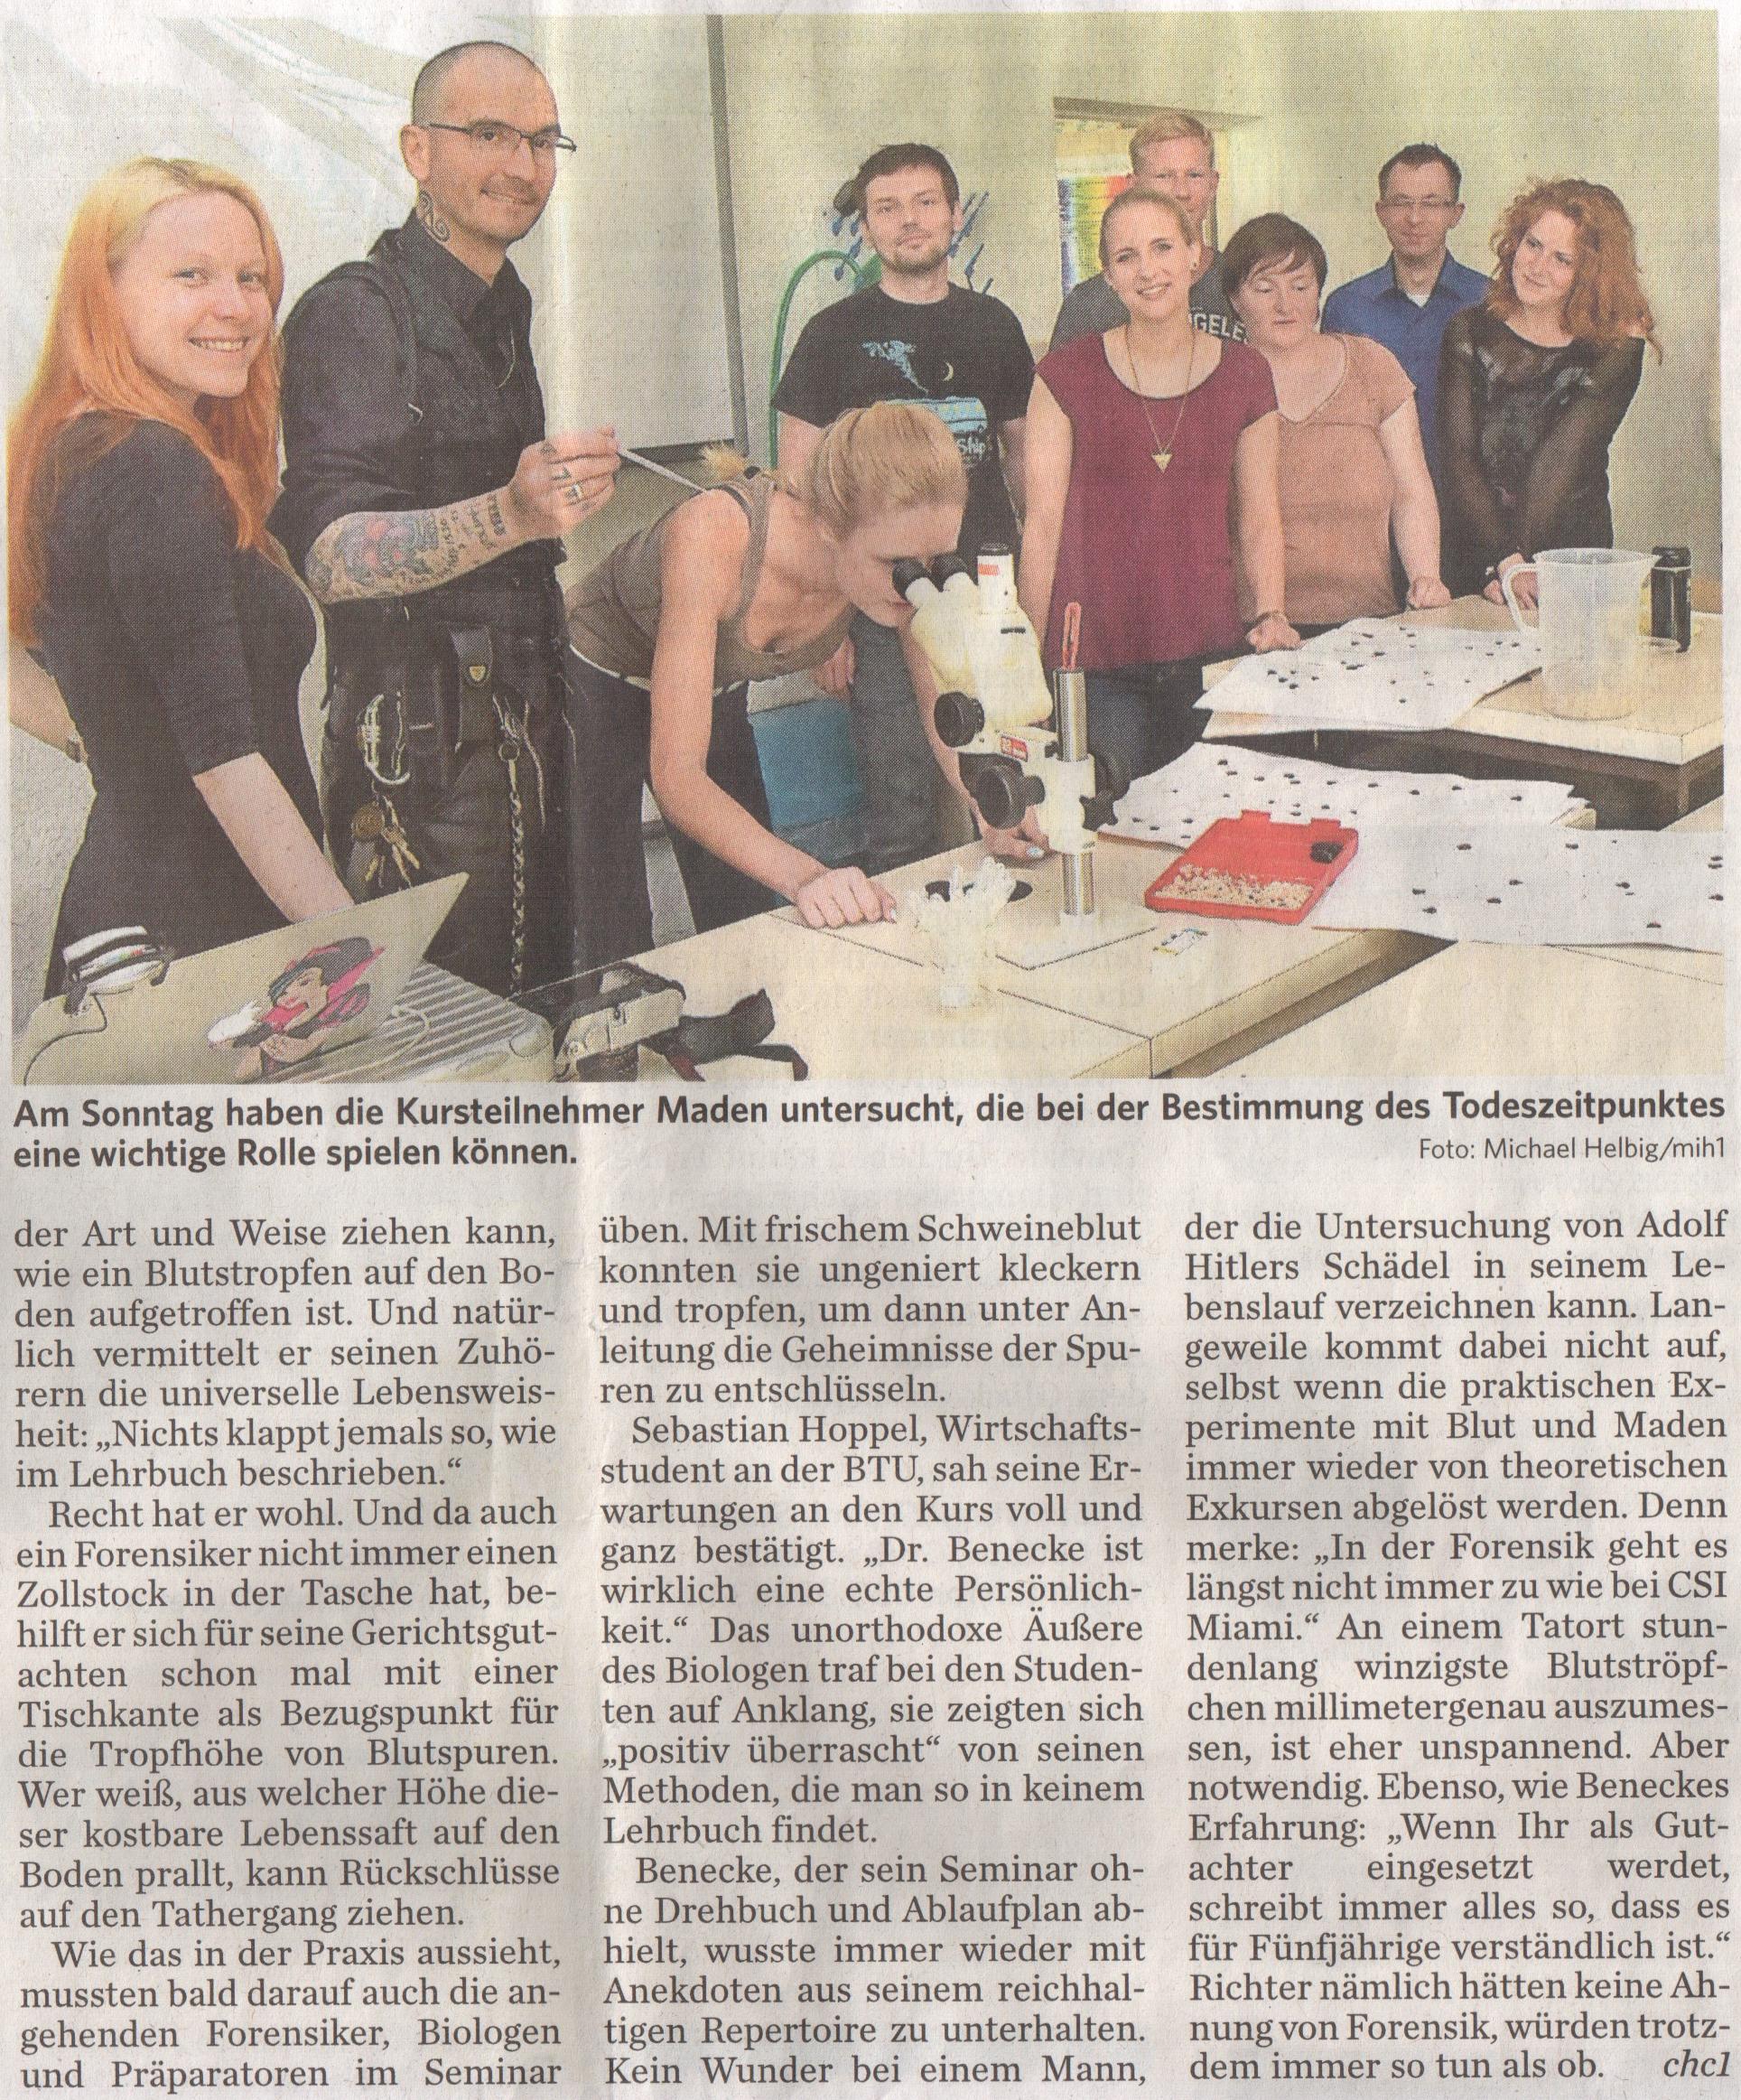 2015_06_Cottbuser_Rundschau_Schweineblut_und_Maden_an_der_BTU_Carl_Friedrich_Hilscher_3.jpg